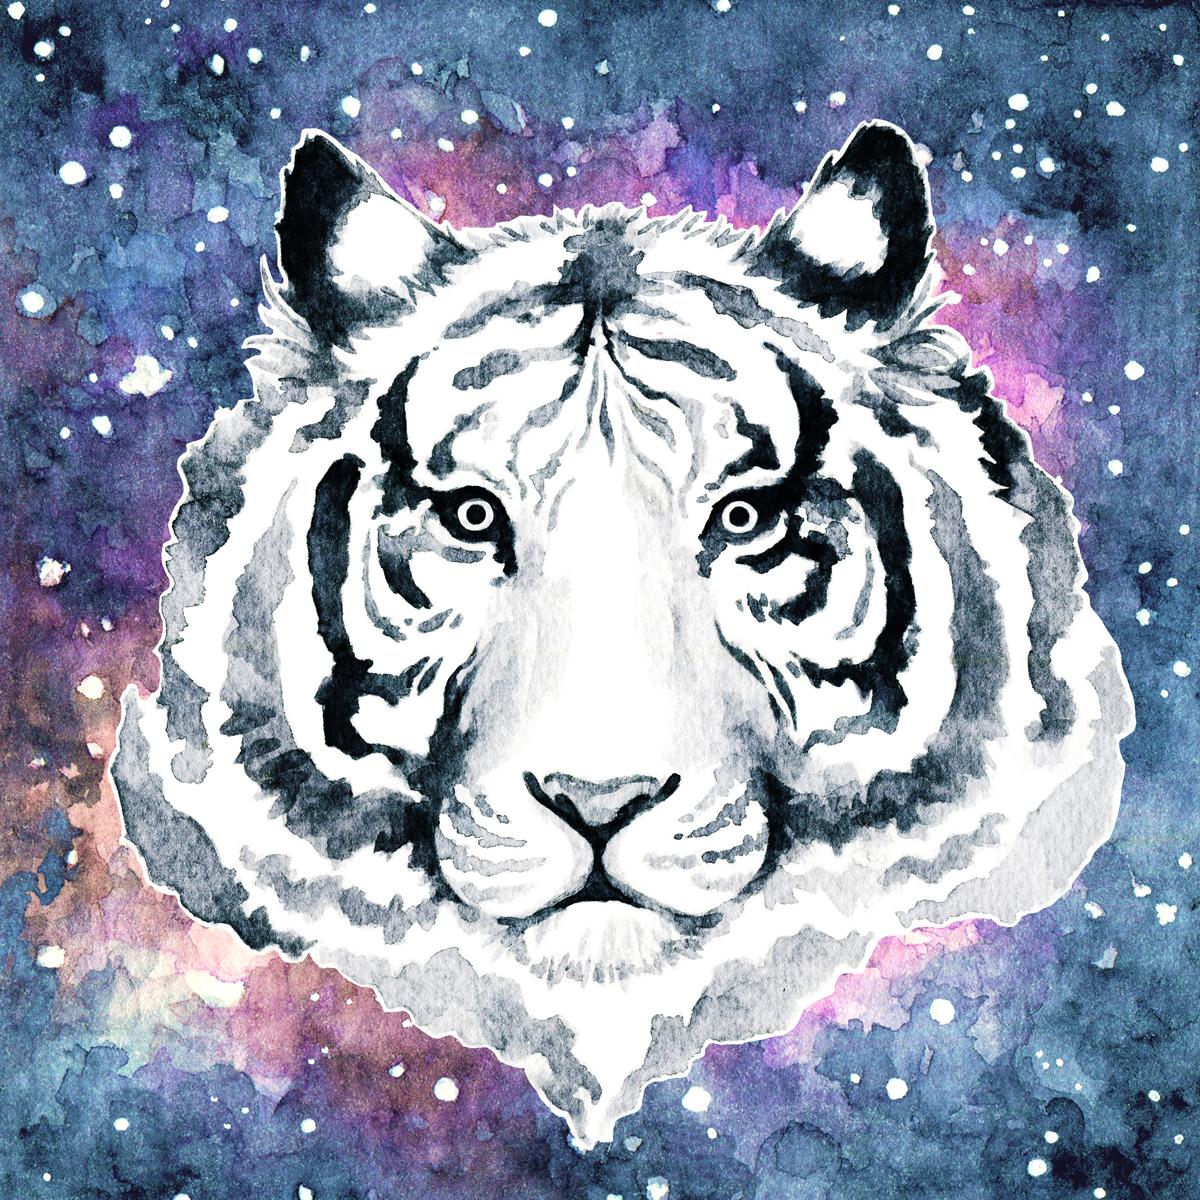 tiger-illustration-nebula.png